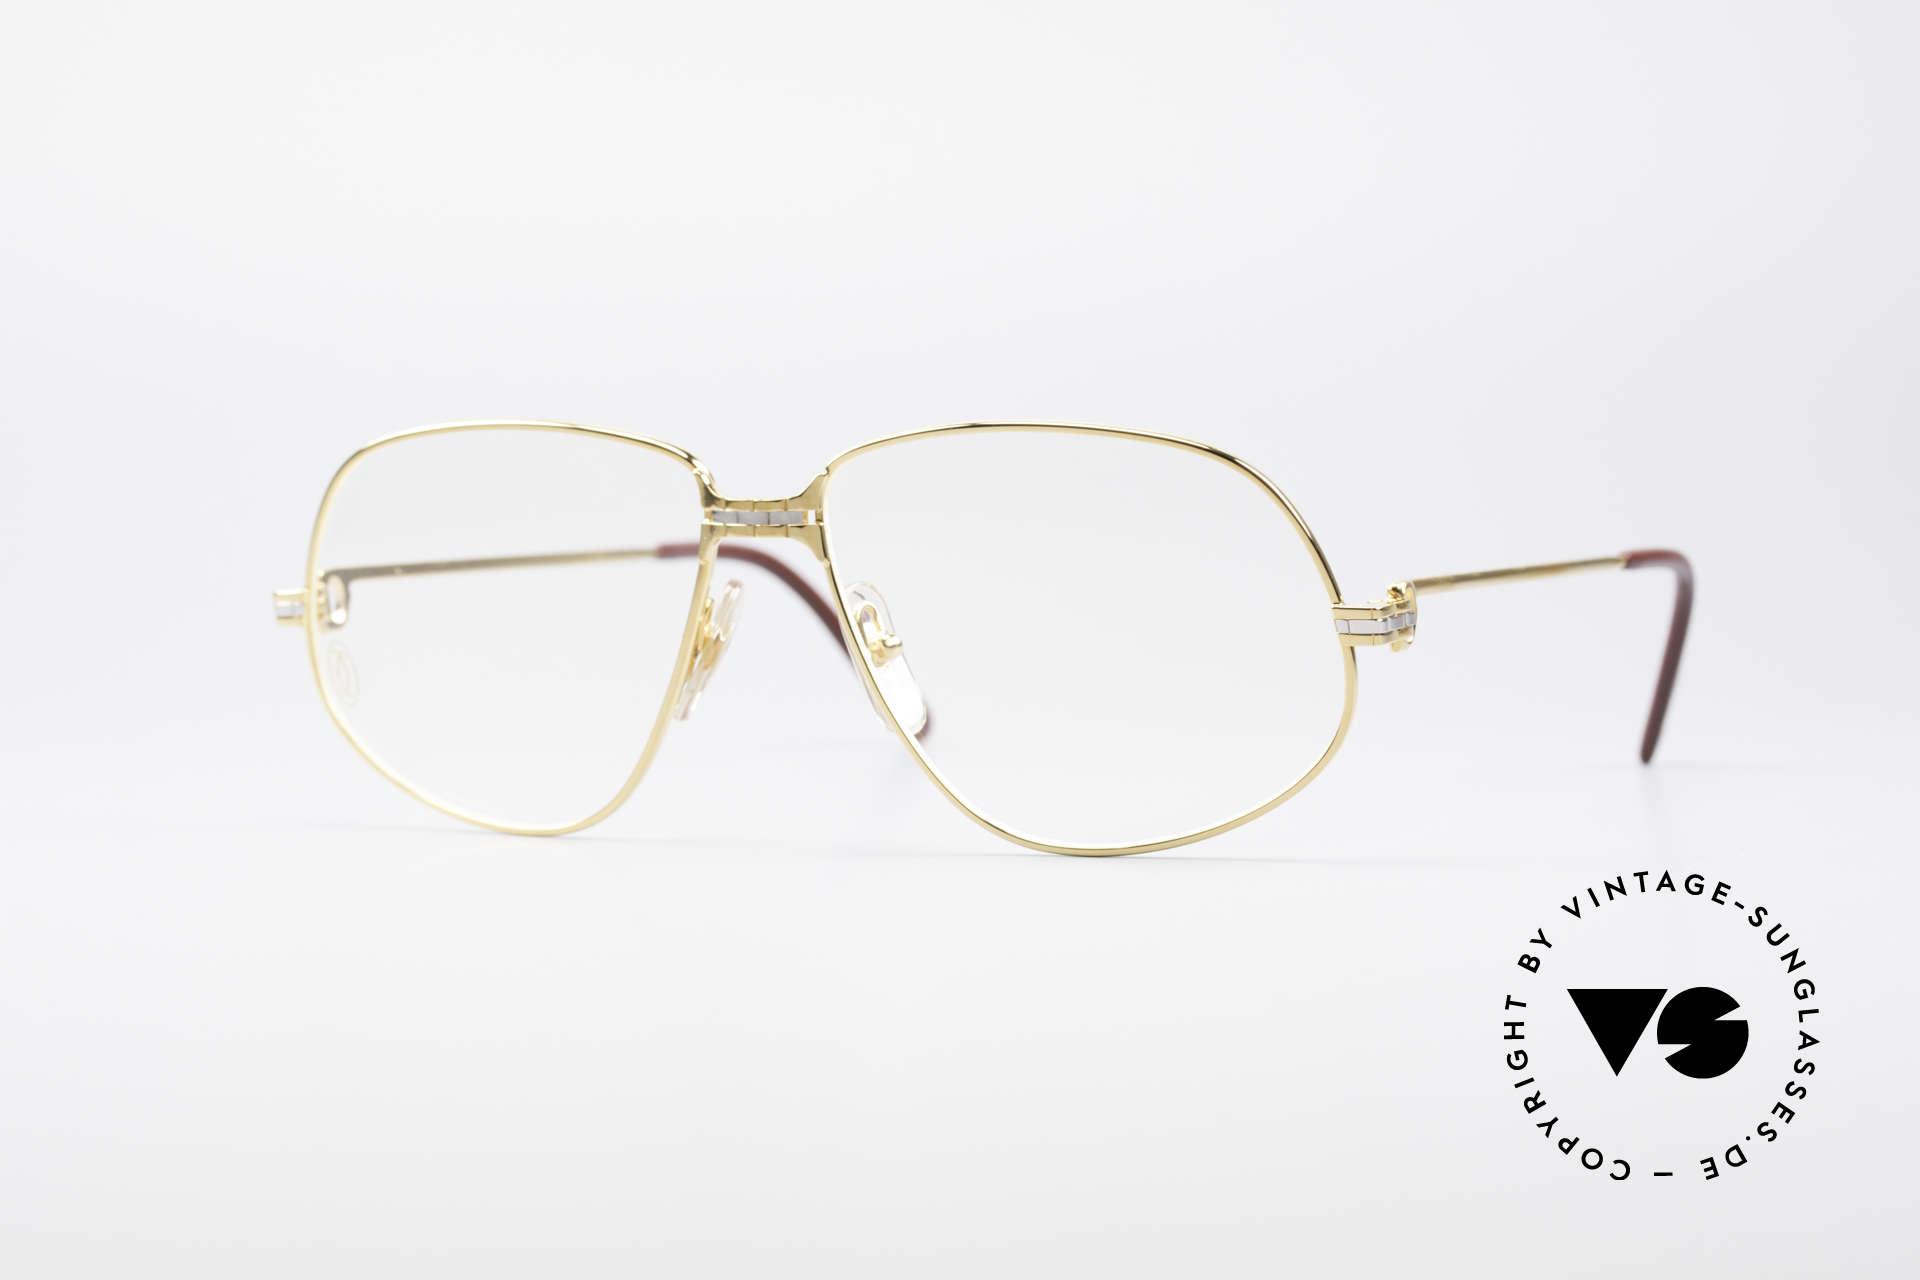 Cartier Panthere G.M. - L 1980er Luxus Brillenfassung, Cartier Panthère = der berühmte Panther von CARTIER, Passend für Herren